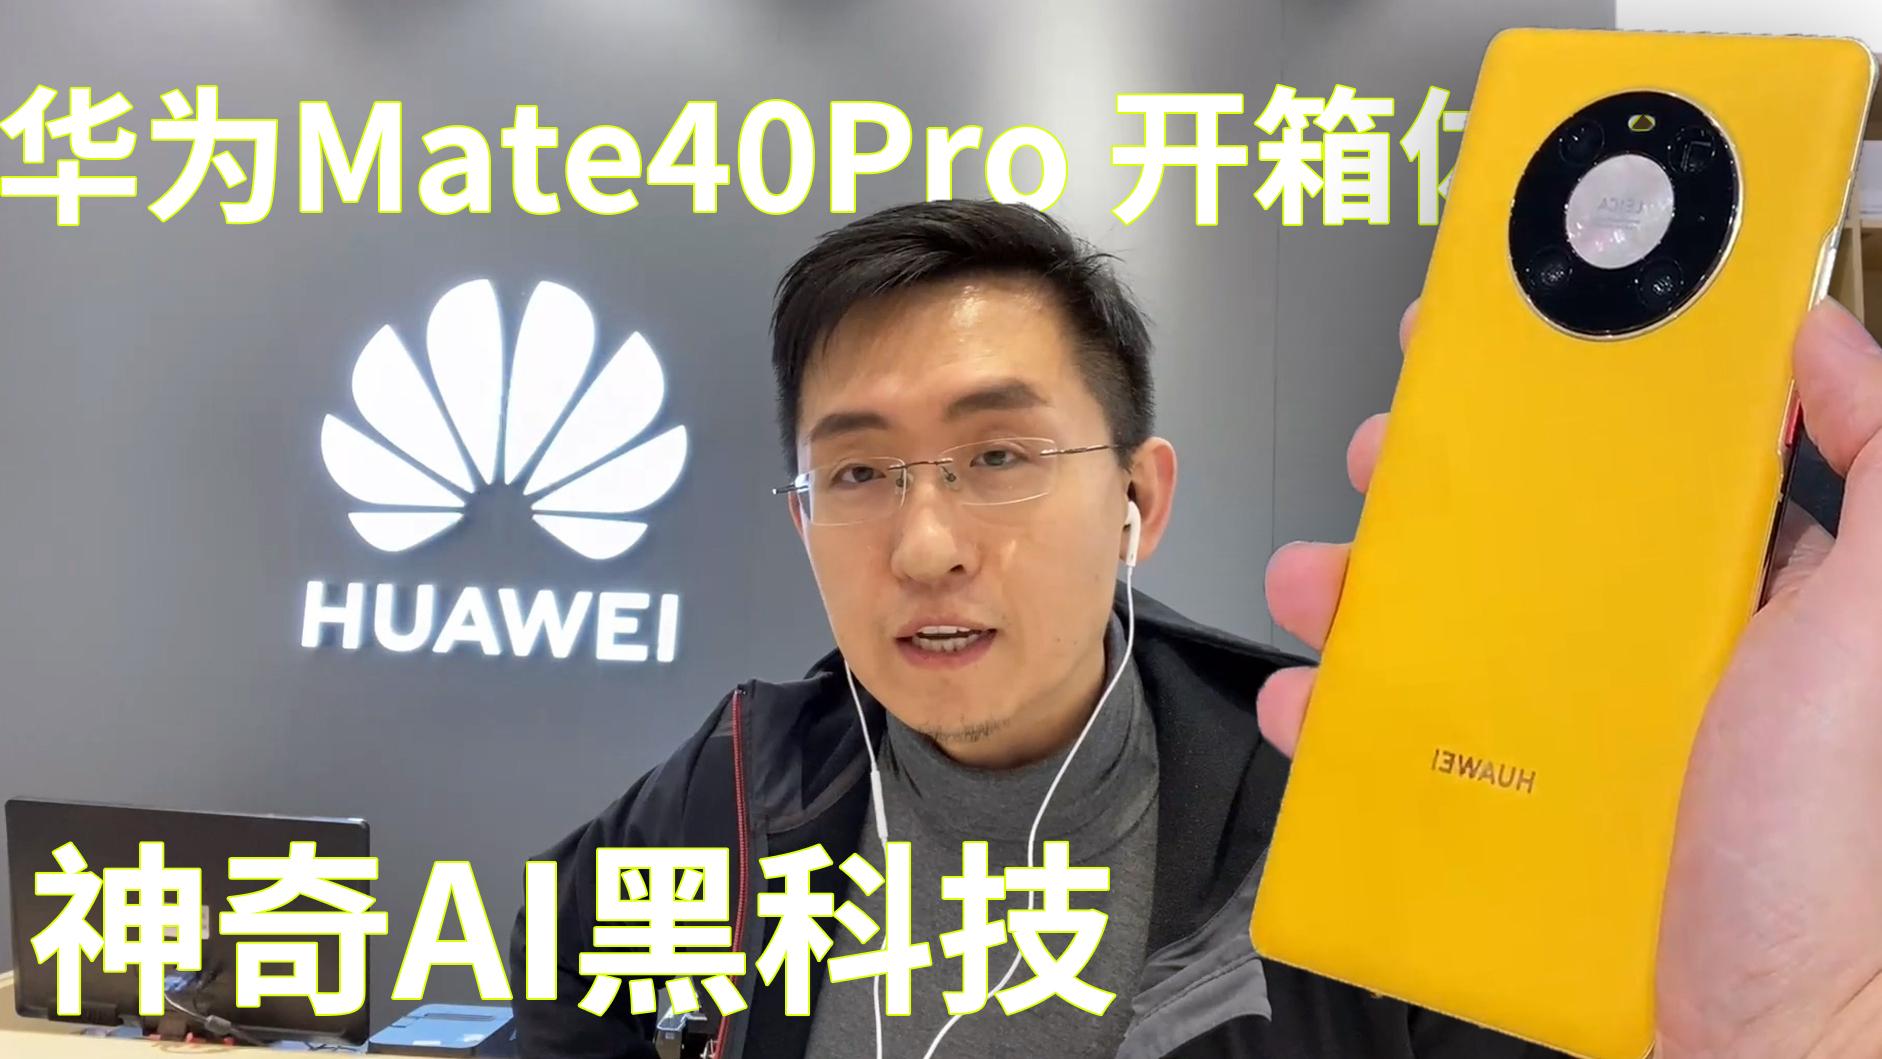 「科技美学直播」华为Mate40 Pro开箱上手体验 | 神奇AI黑科技?